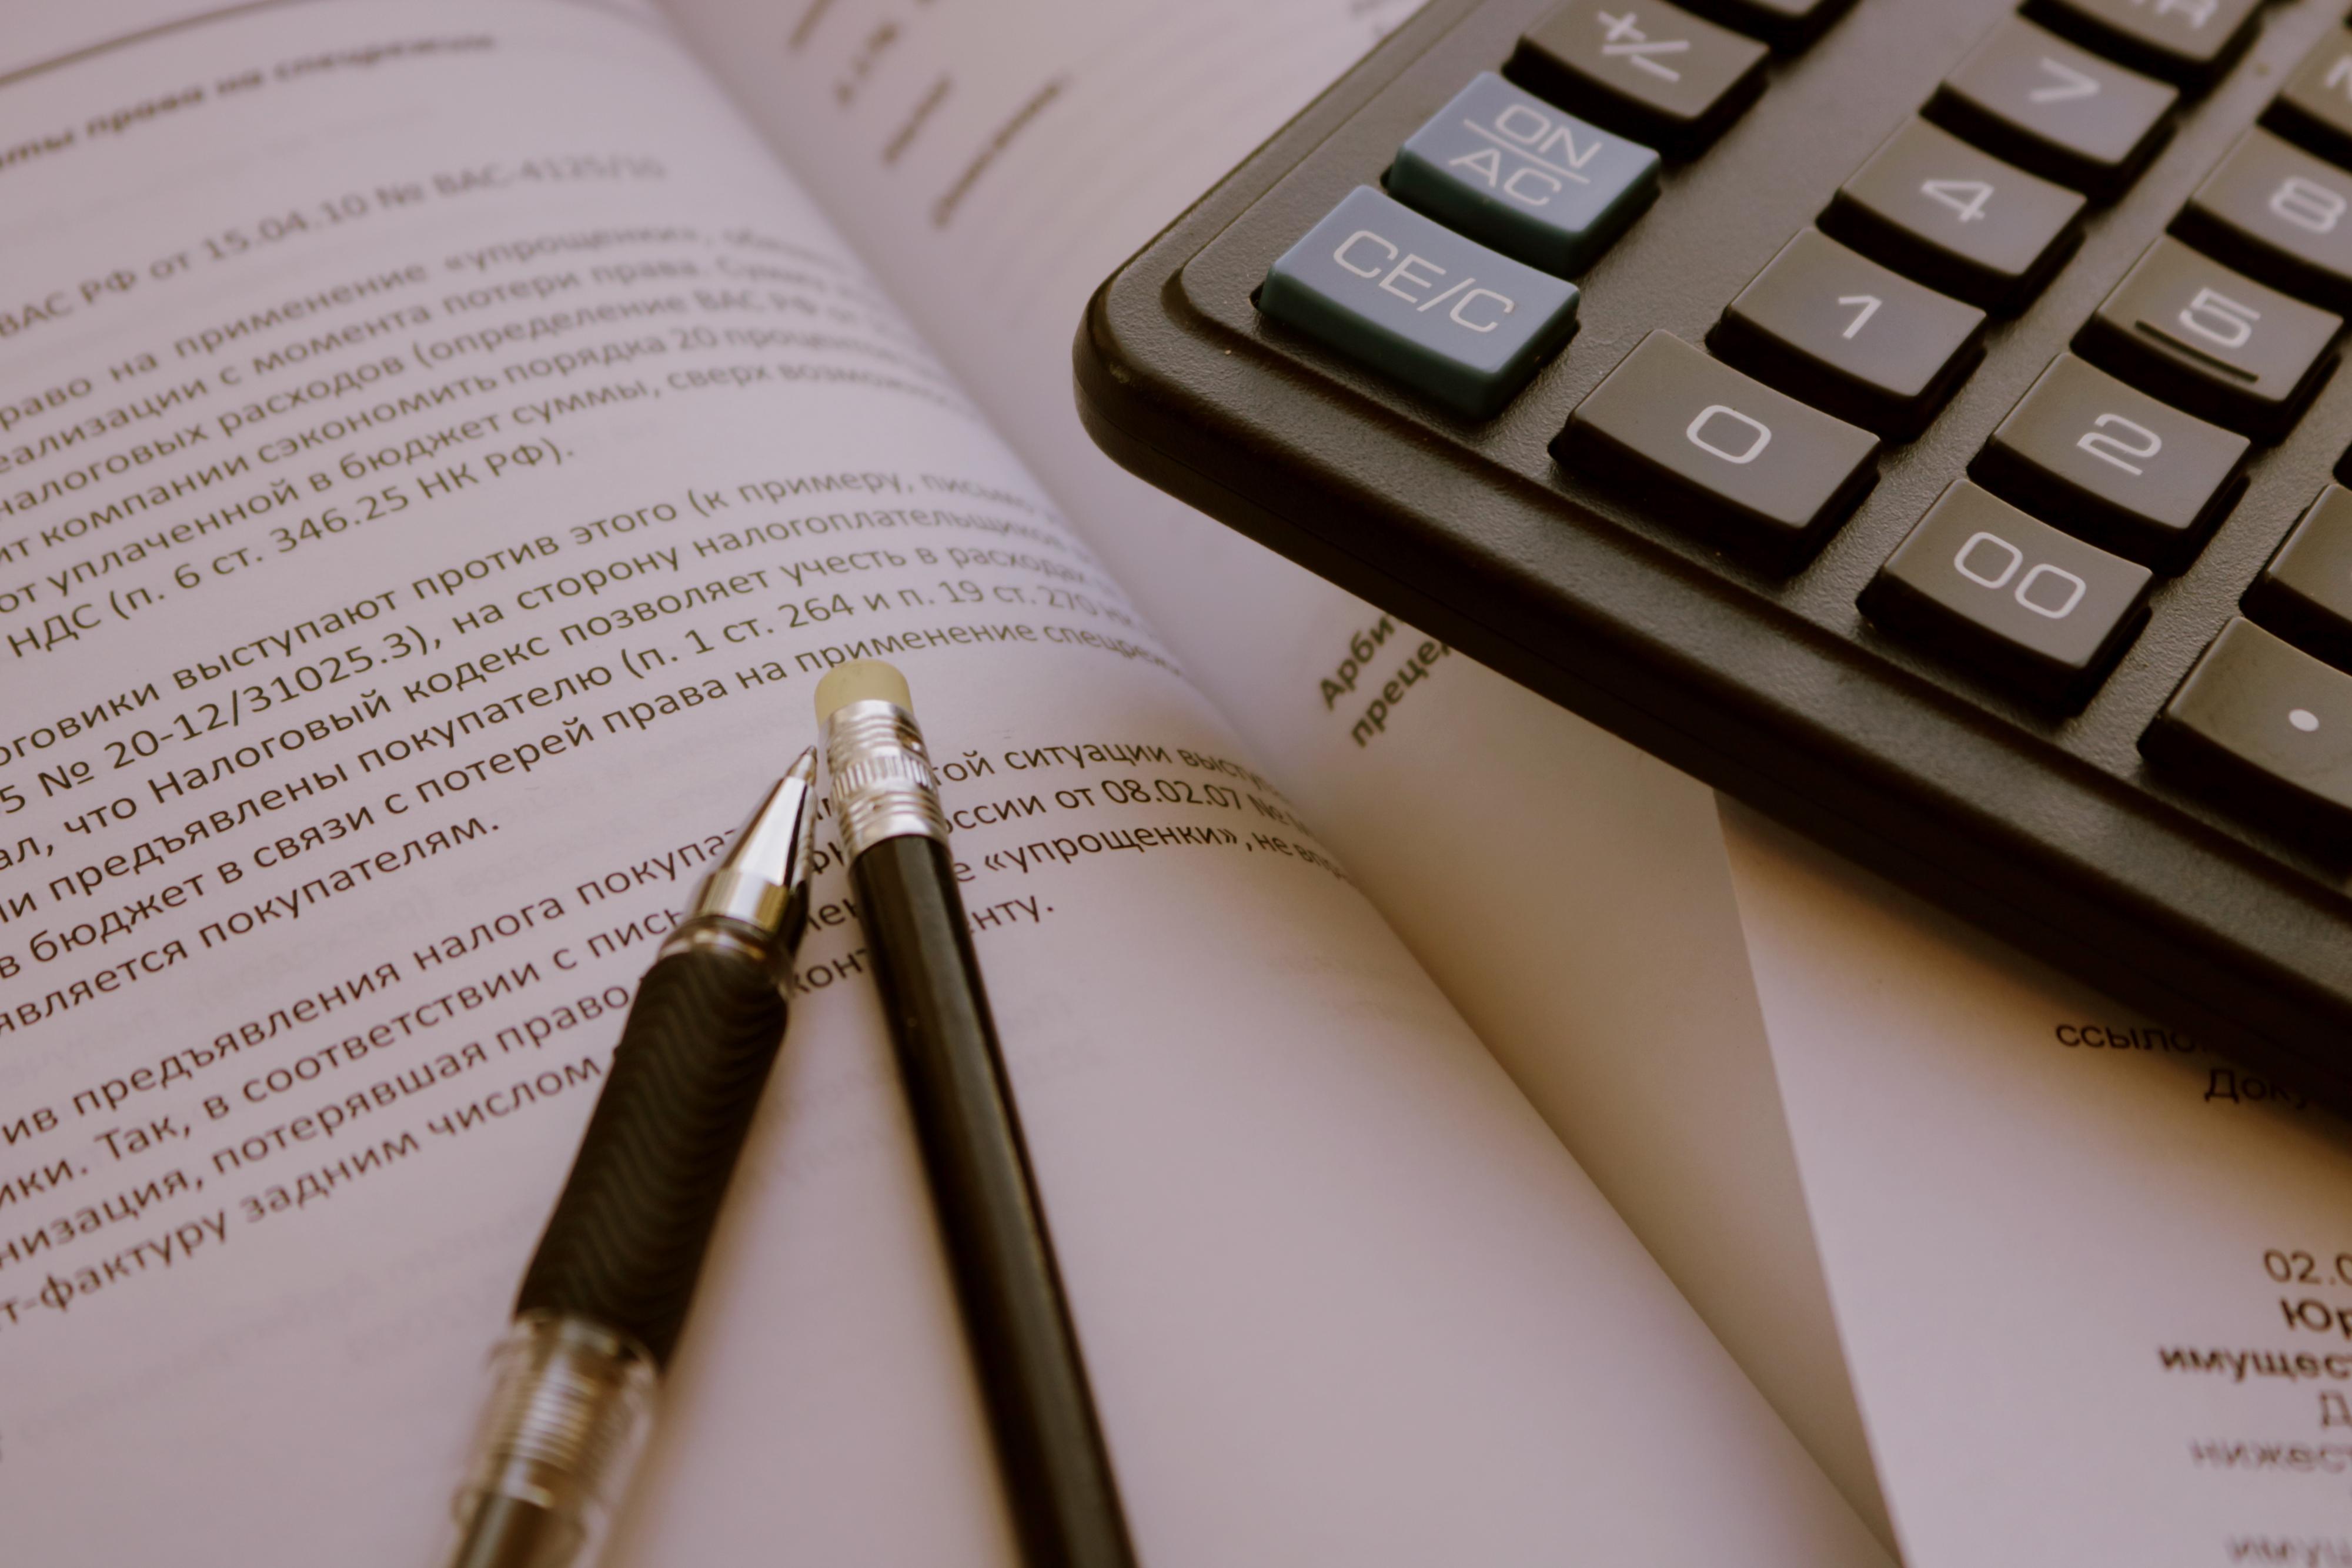 Бухгалтерия и бухгалтер: их роль в организации / блог компании trinion / хабр